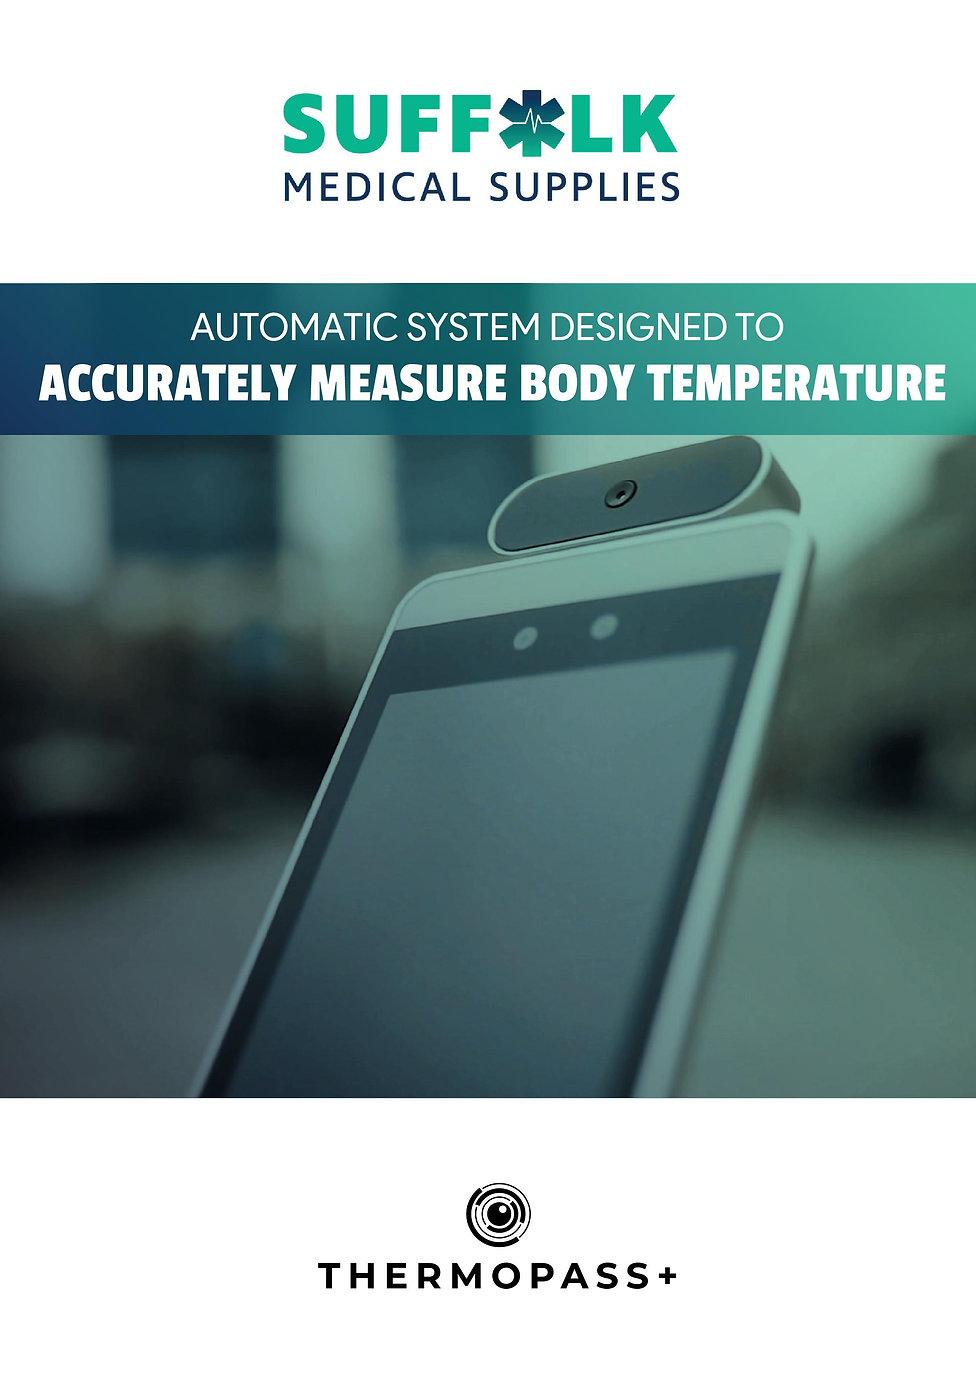 Thermopass-plus-brochure-page-001.jpg